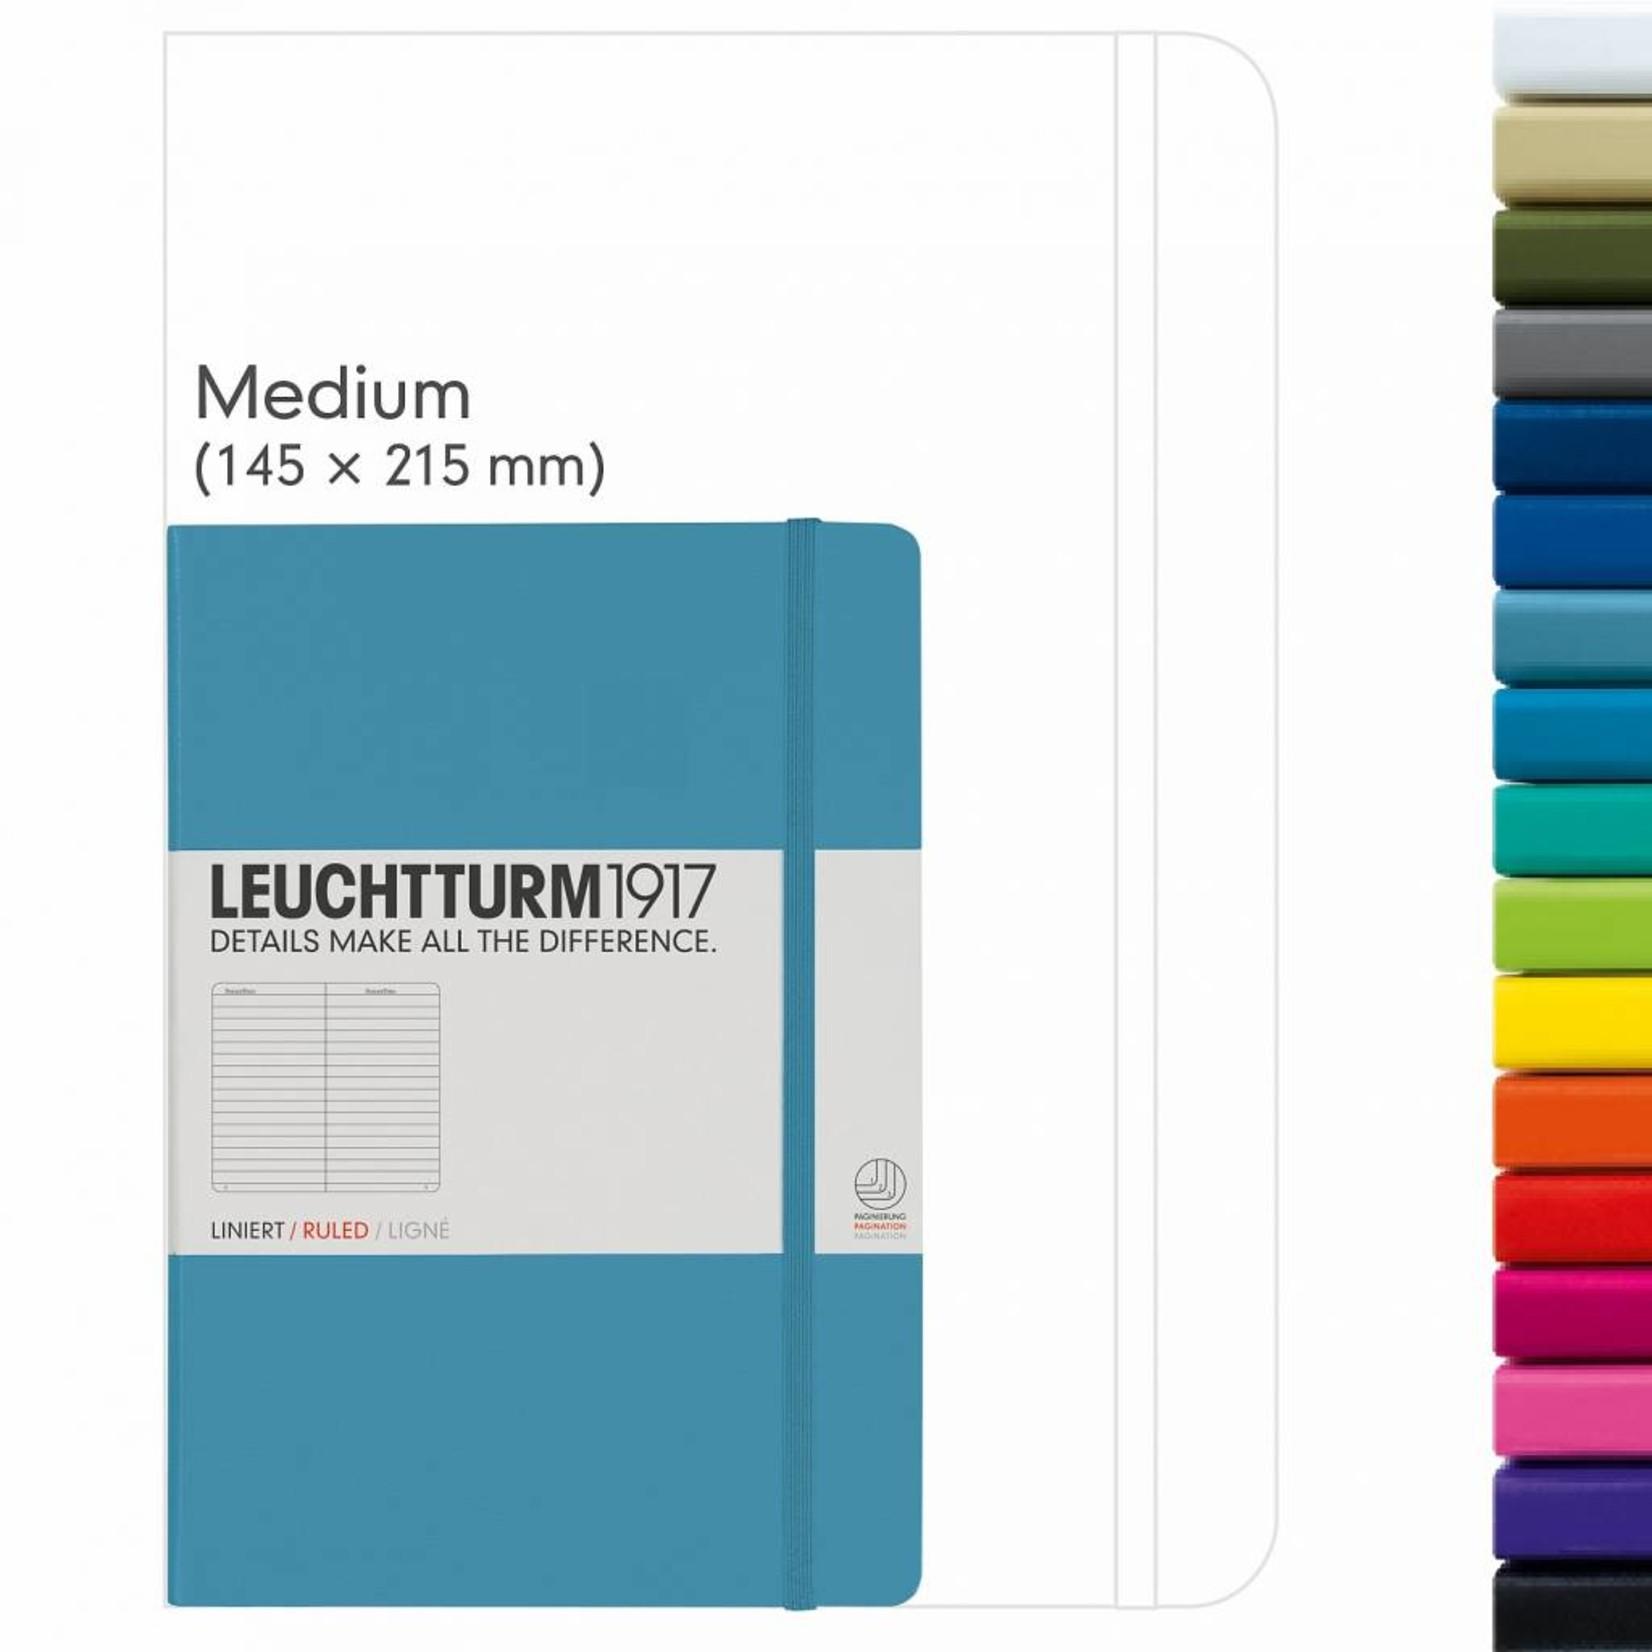 LT Notizbuch A5 MEDIUM HC blaugrau blanko